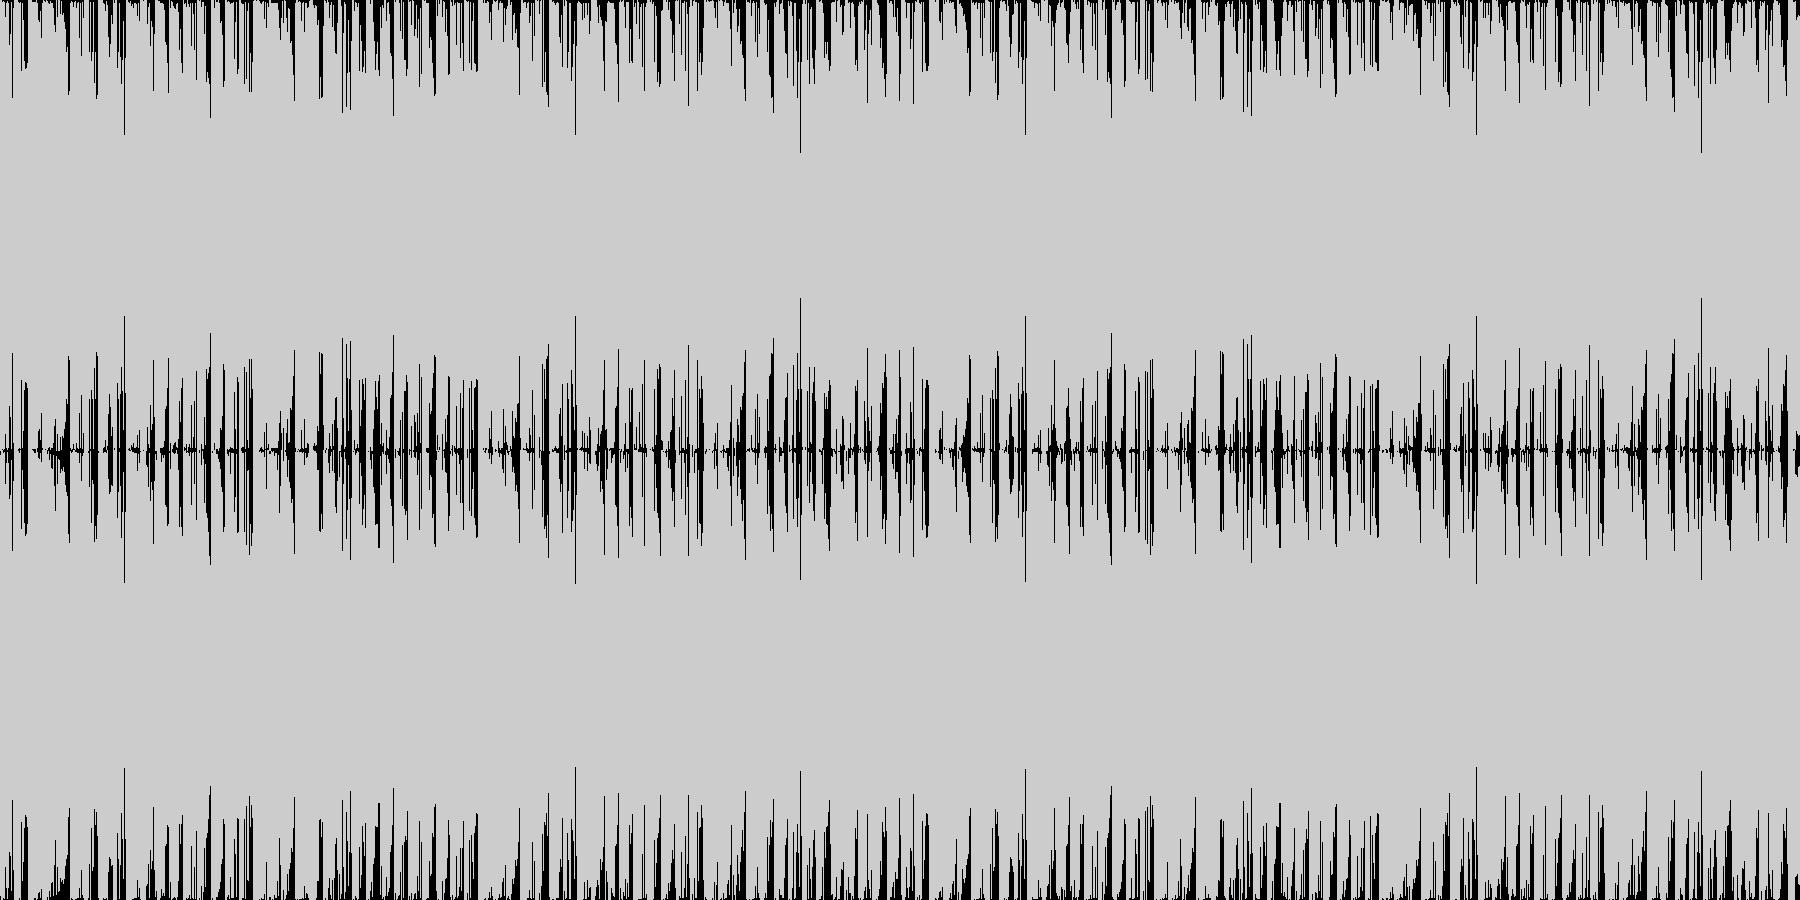 コミカルの未再生の波形